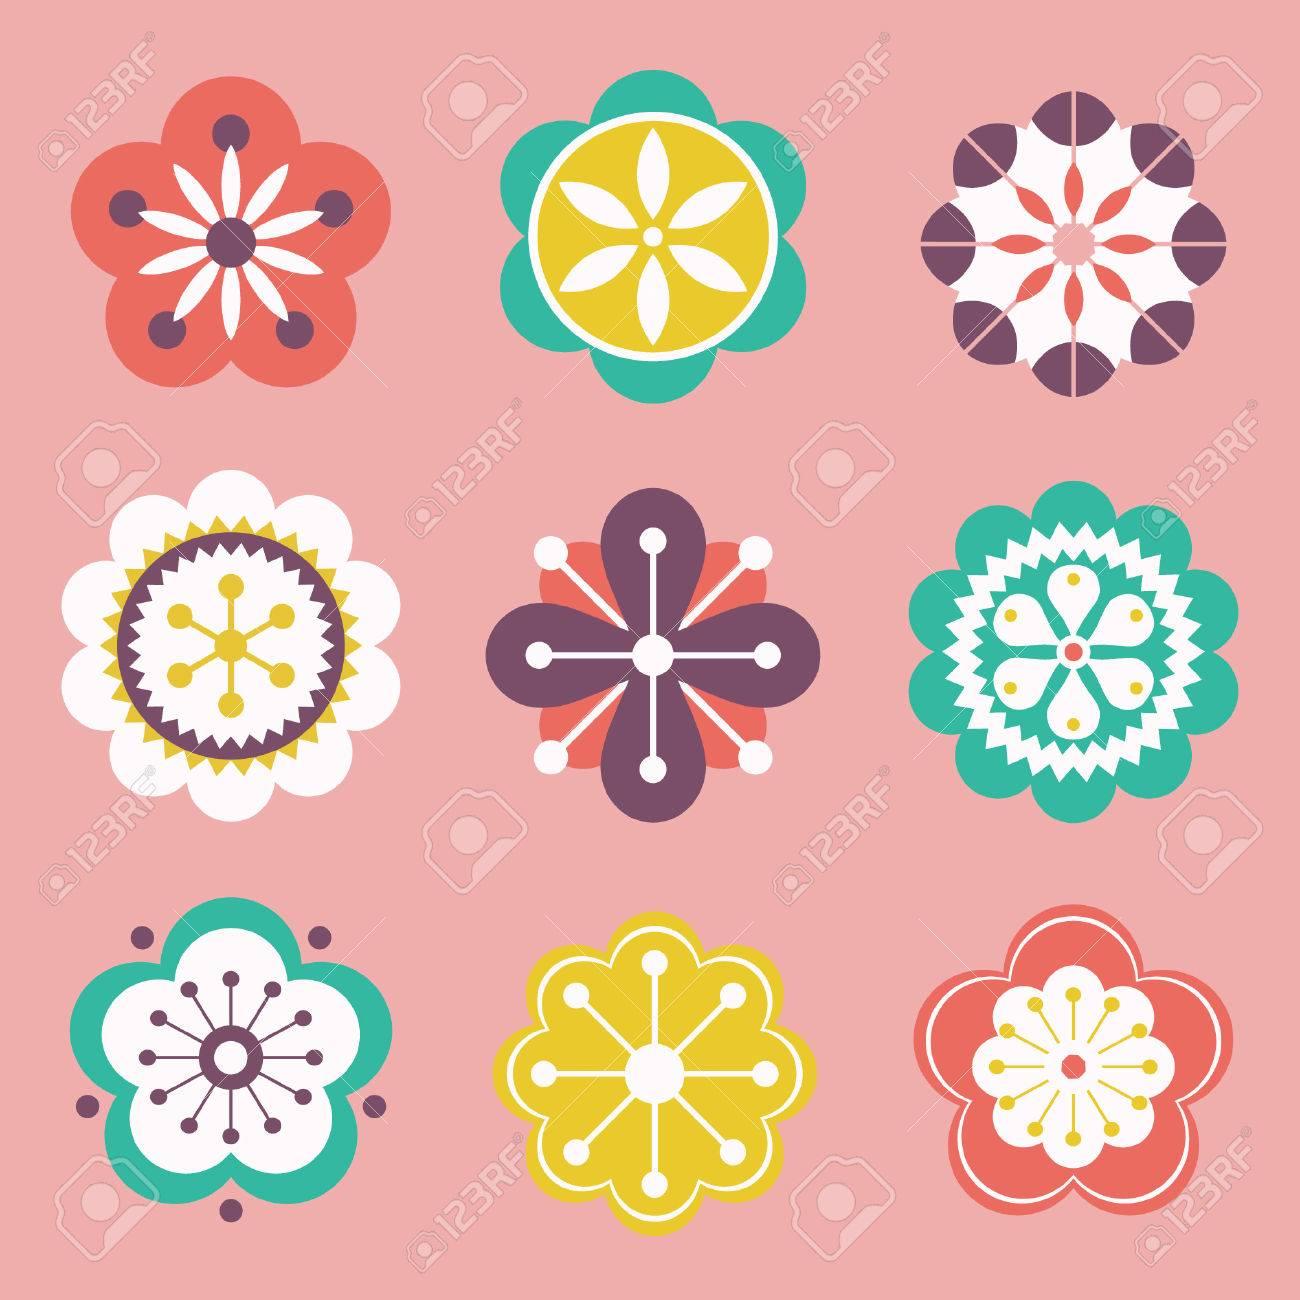 flower design Stock Vector - 7213456